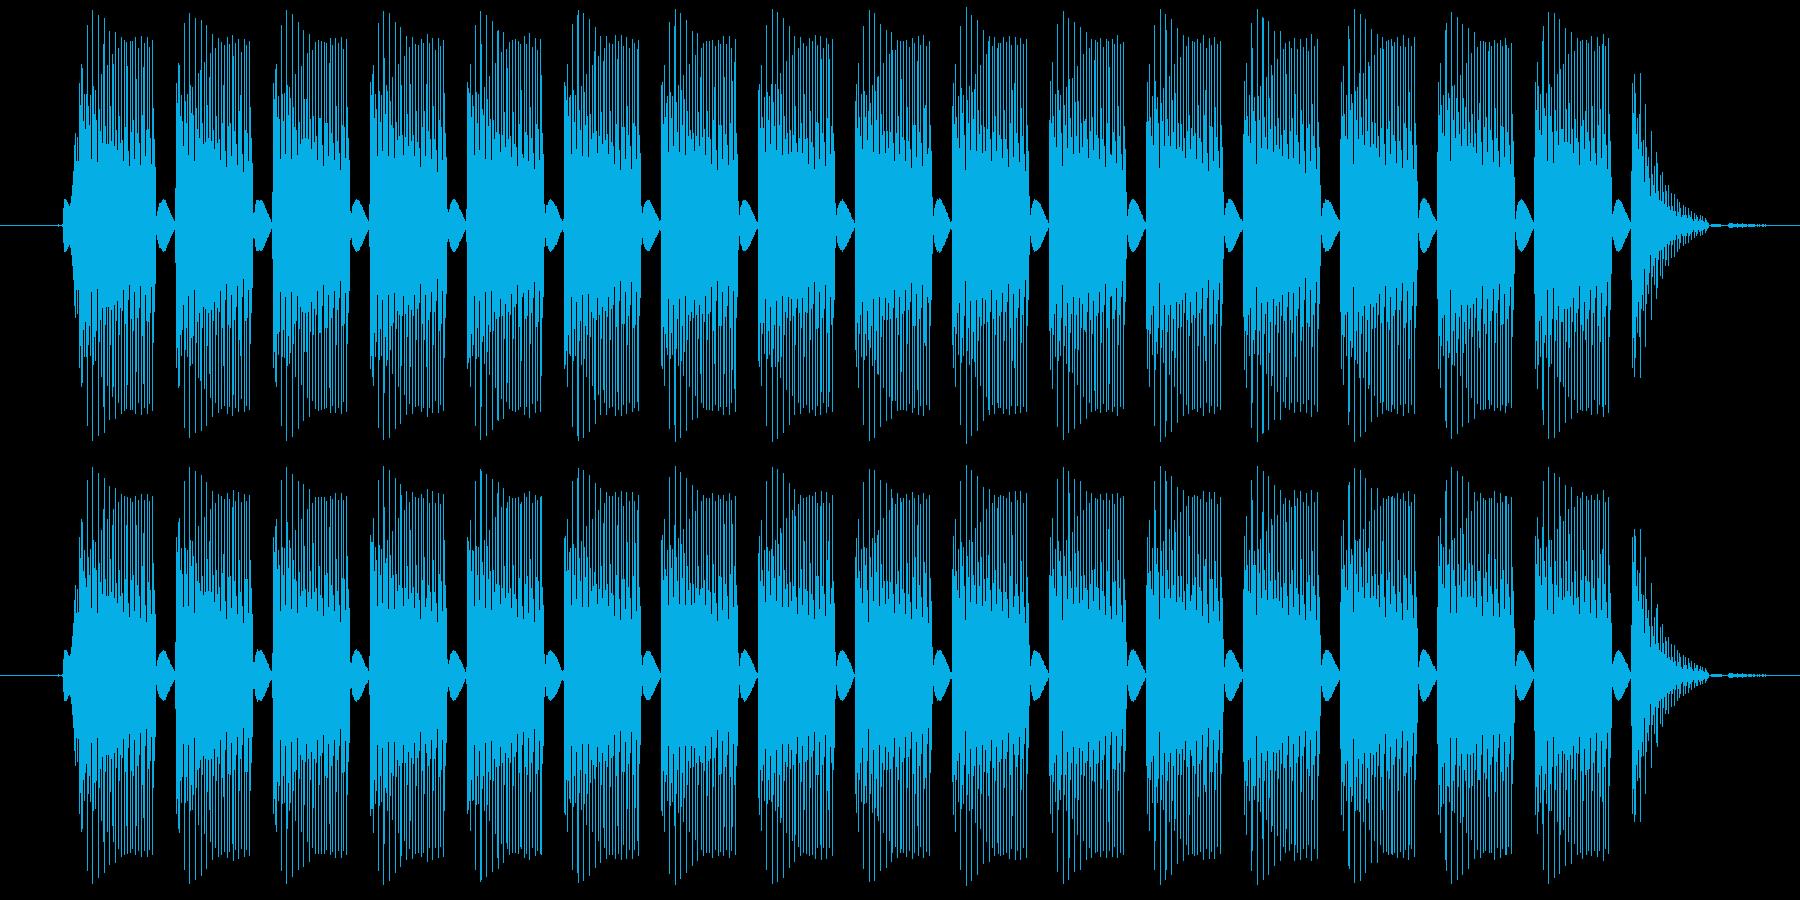 プルルルル・・・という電話の音ですの再生済みの波形